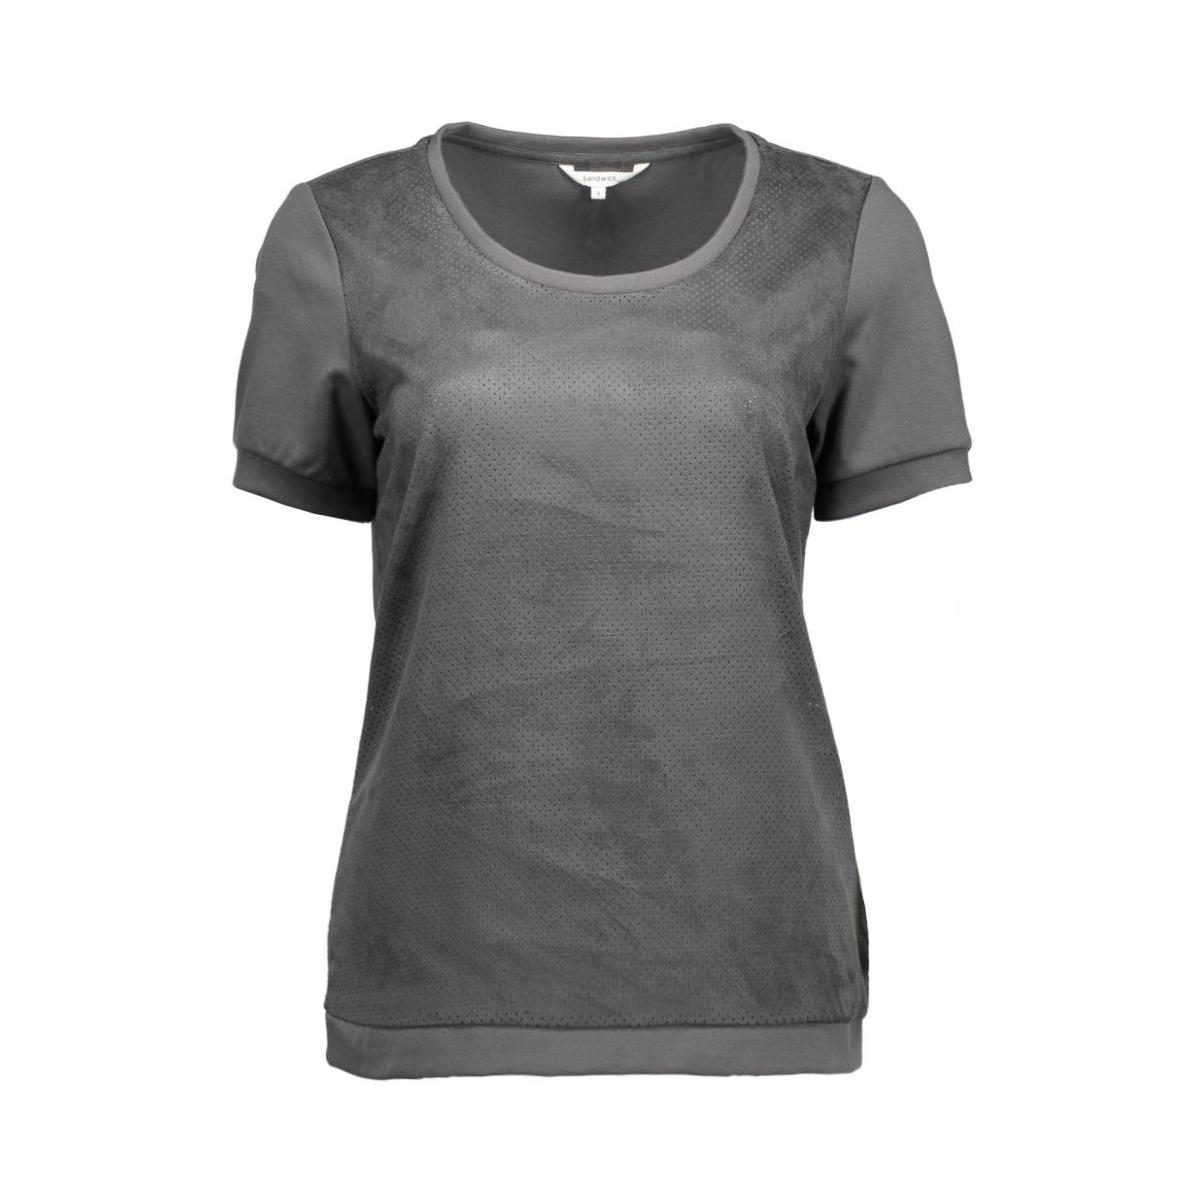 21101205 sandwich t-shirt 80053